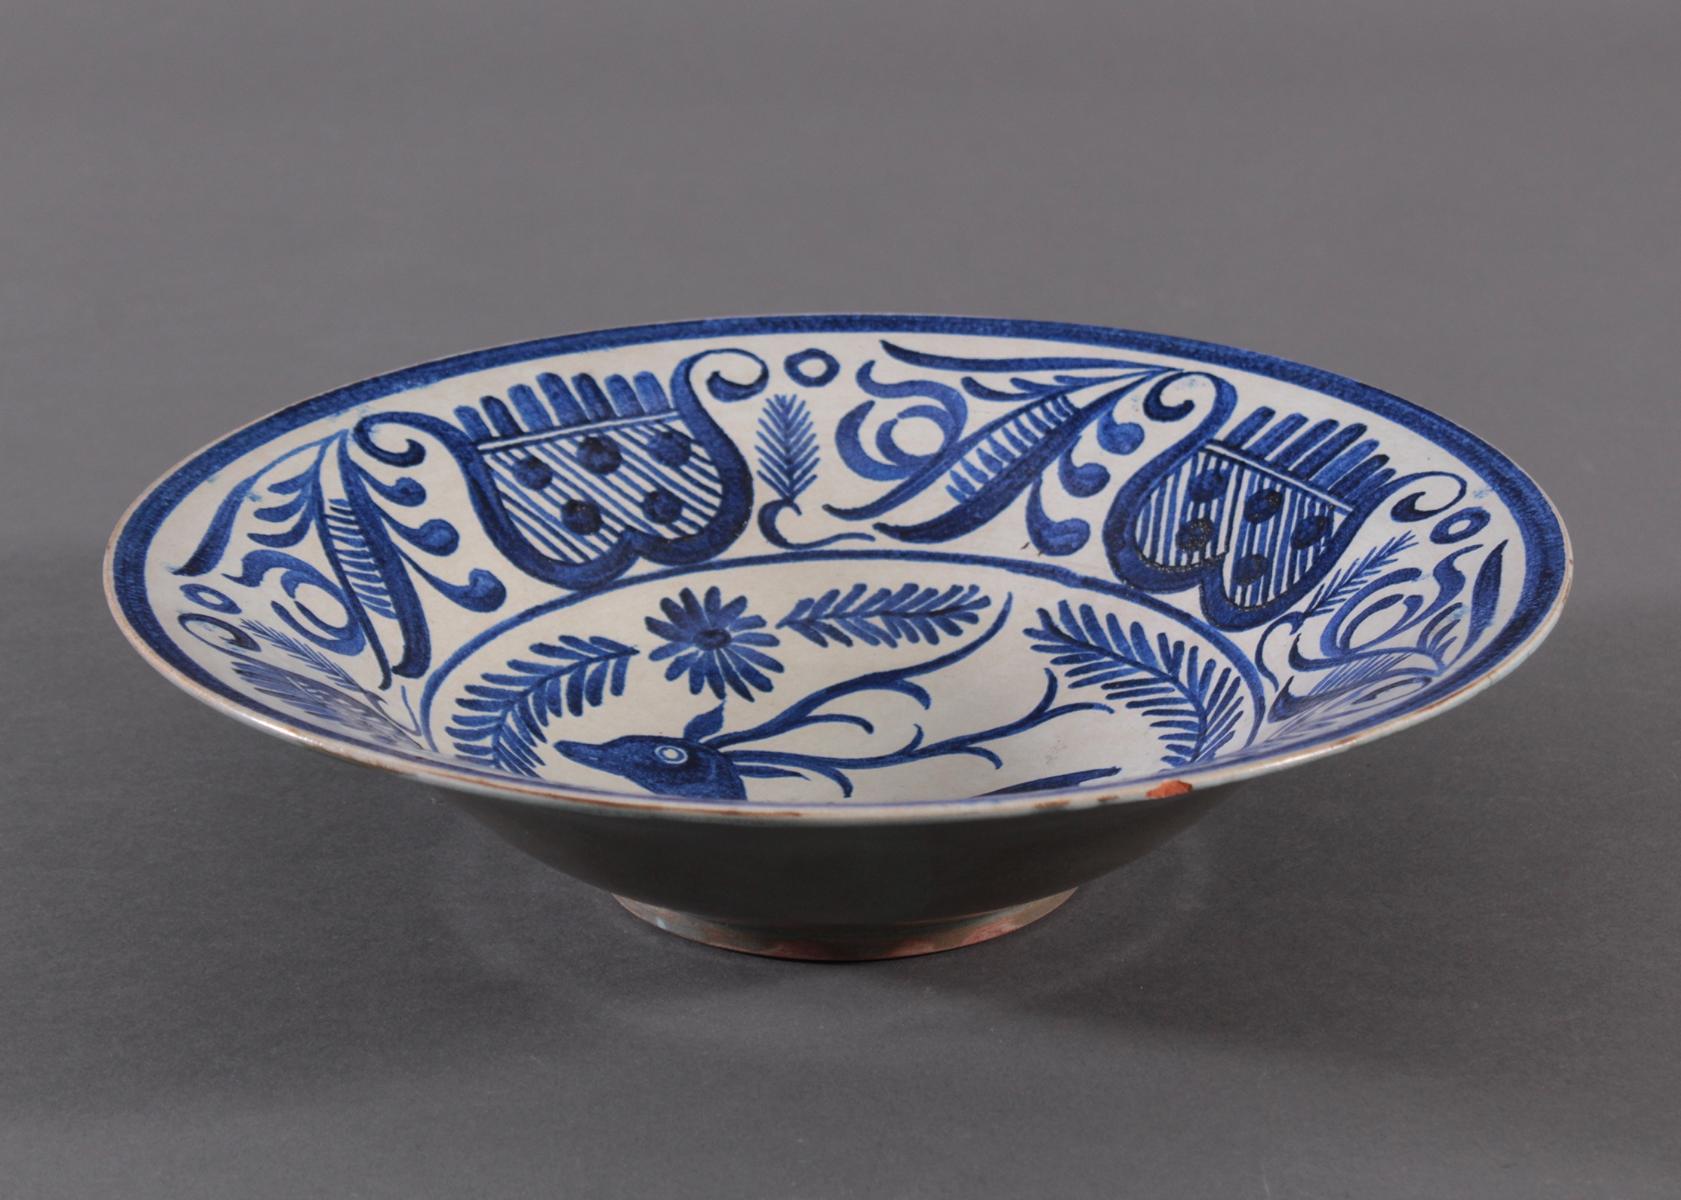 Benno Geiger (Engelberg 1903 – 1979 Bern), Keramikschale-7